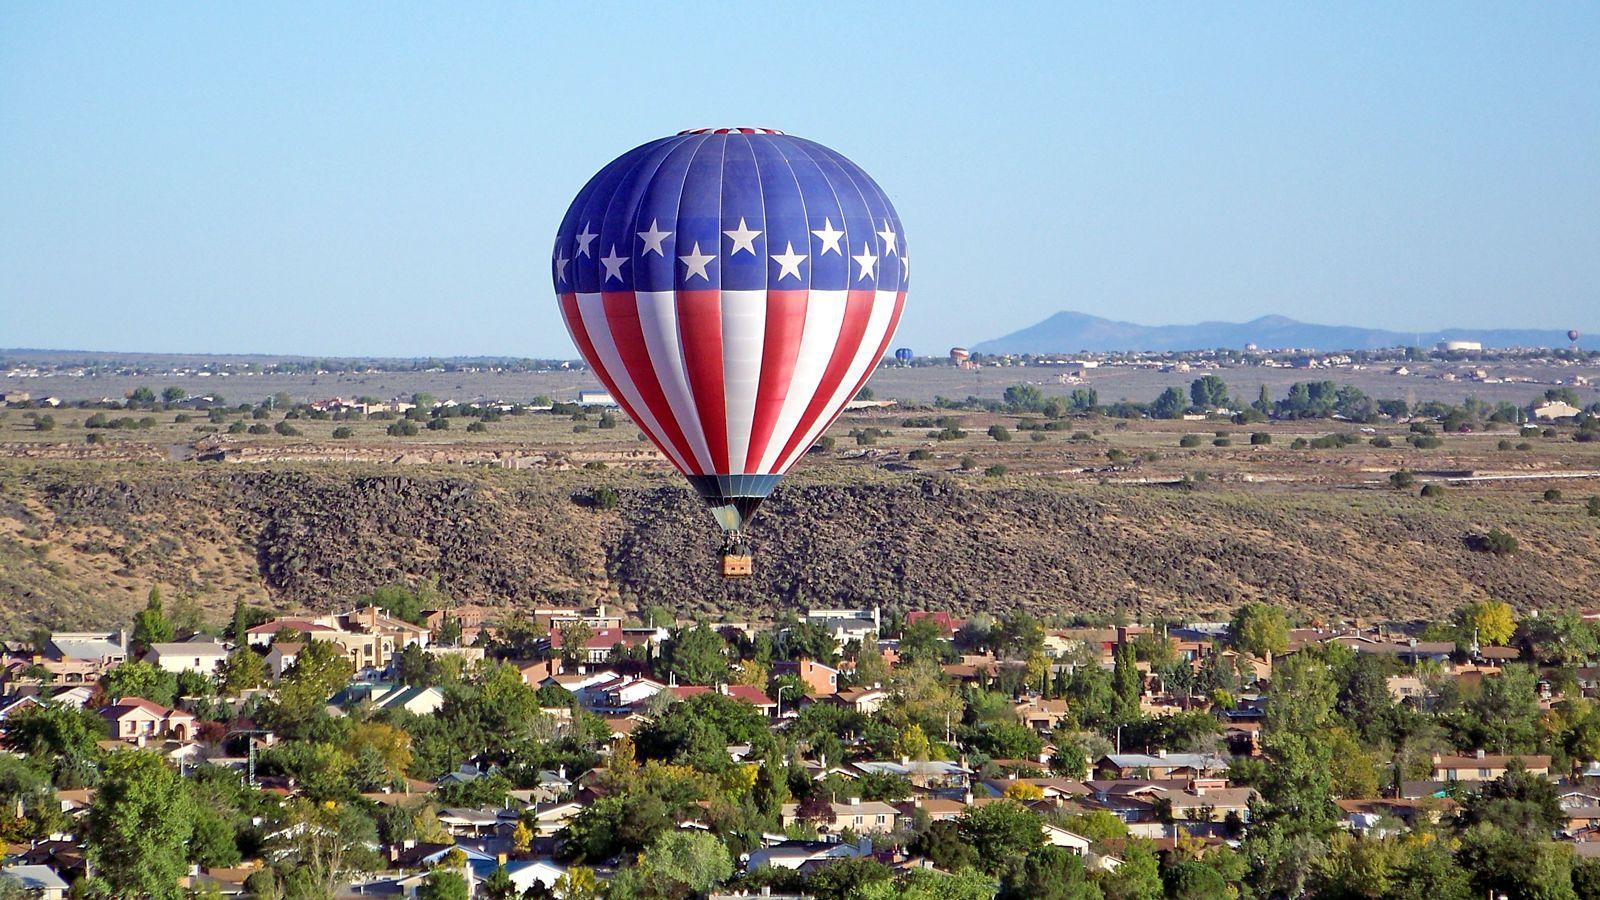 Guided Hot Air Balloon Tour